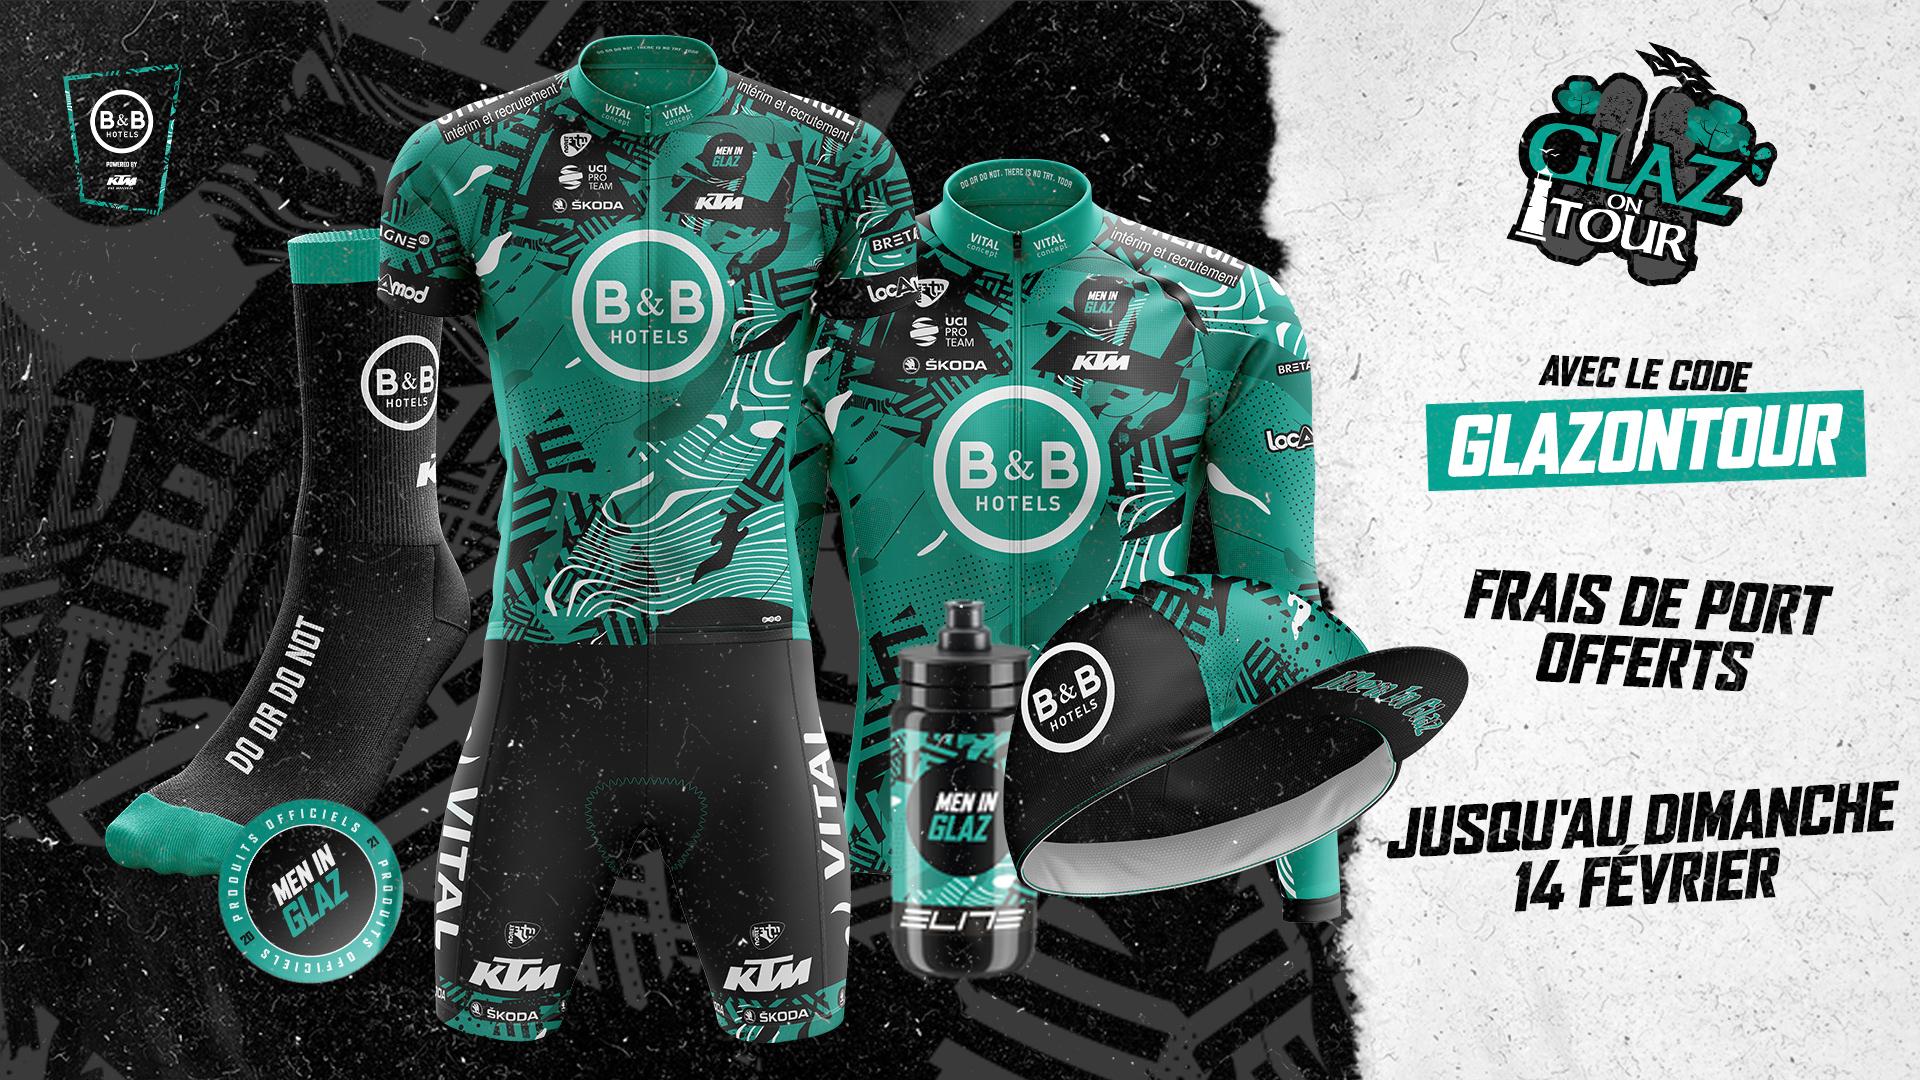 Frais de port offerts sur l'ensemble de la boutique de l'équipe cycliste B&B Hotels P/B KTM (bbhotels-cycling.bzh)